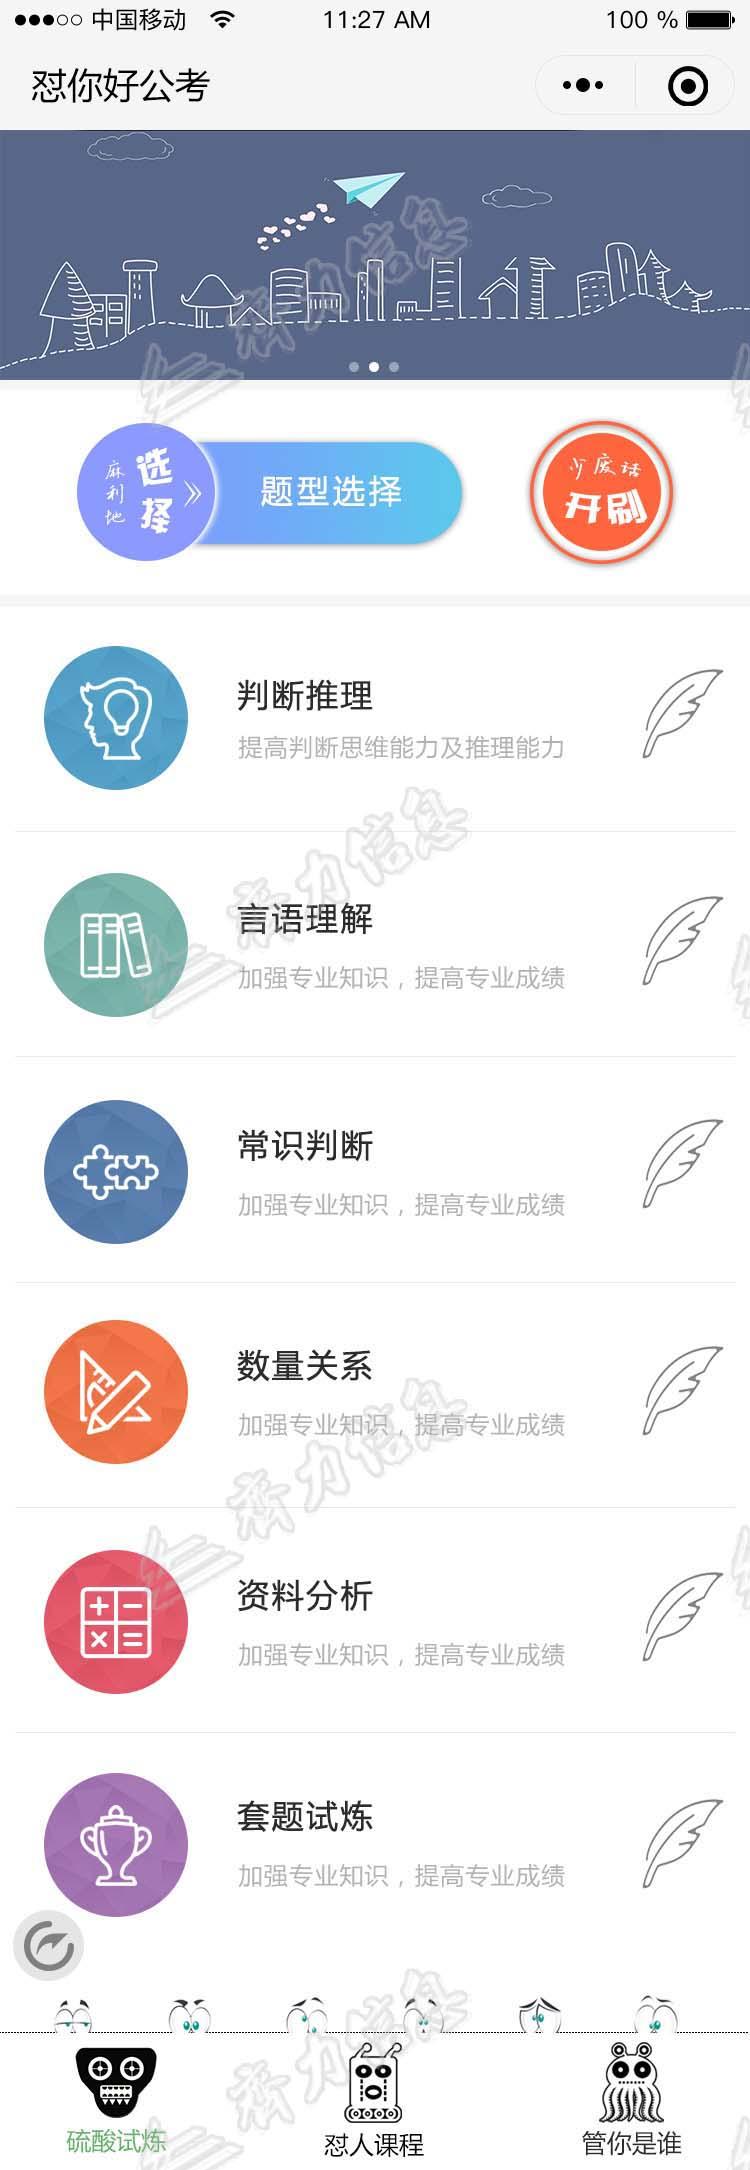 齐力信息活动页设计移动端店铺招海报banner促销页专题页